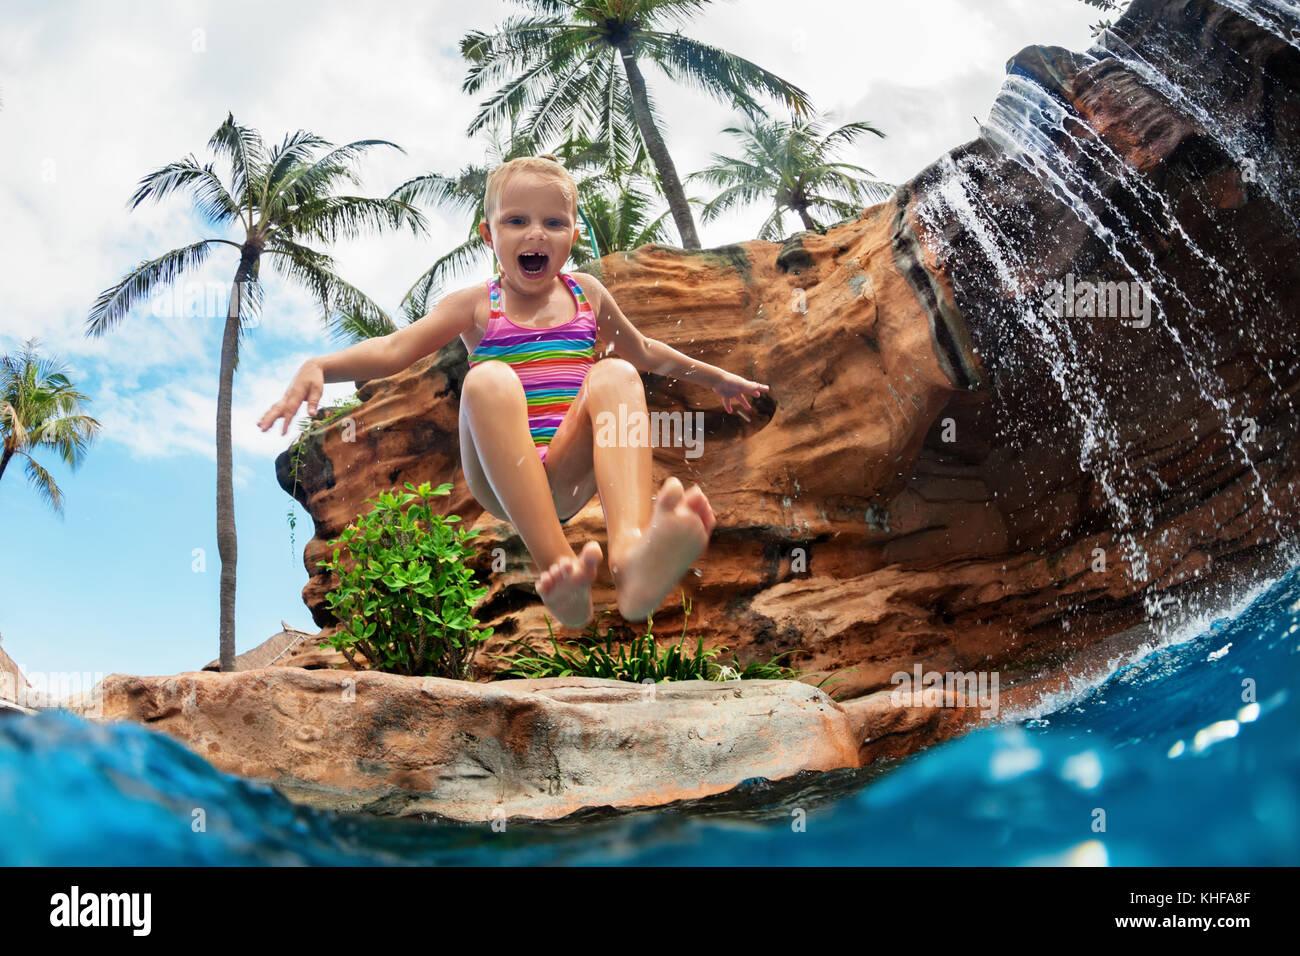 Funny enfant apprendre à nager avec plaisir. girl jumping high avec des touches dans l'eau piscine sous cascade. Banque D'Images